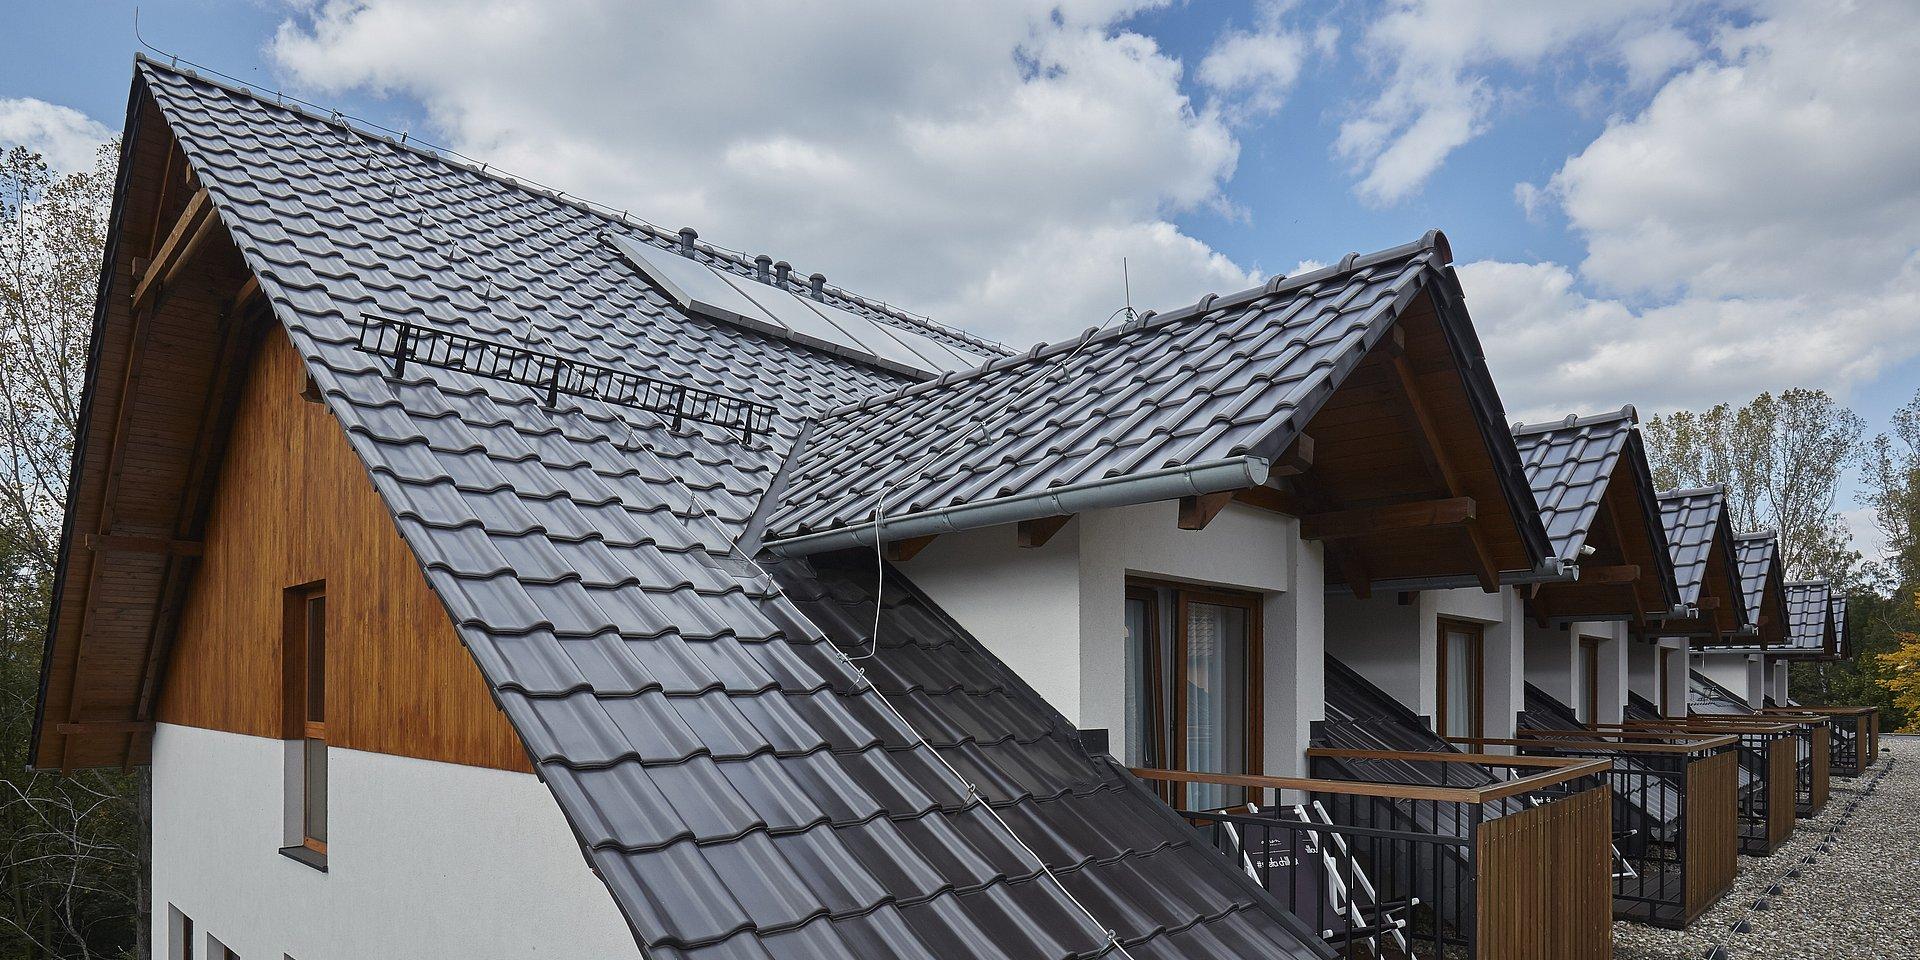 Ekonomiczny dach ceramiczny – Alegra 9 w nowych barwach